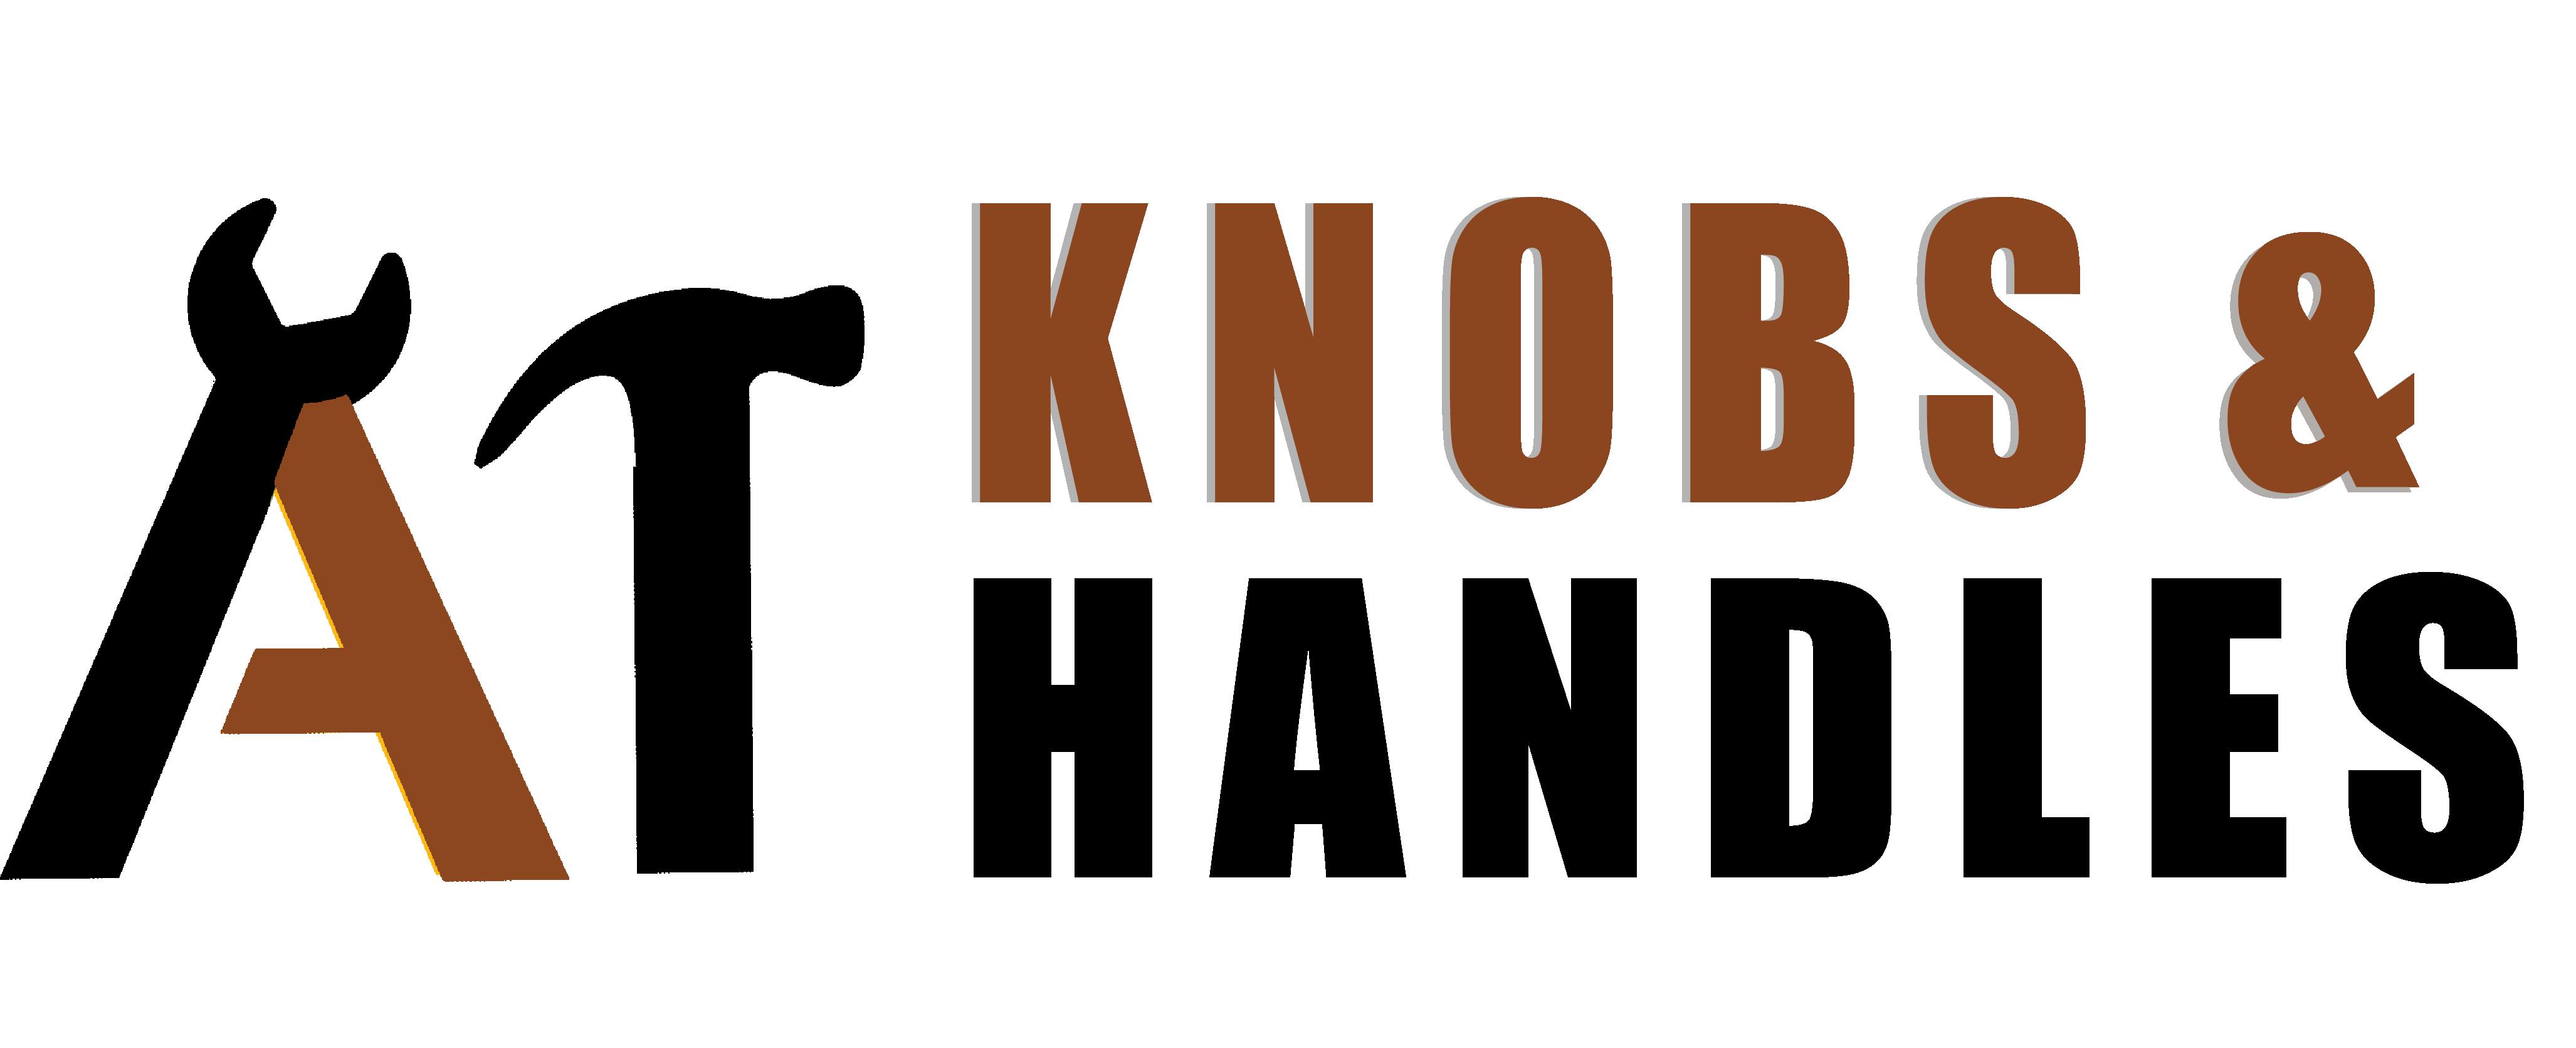 A1 Knobs & Handles Singapore – Door Knobs & Door Handles Singapore